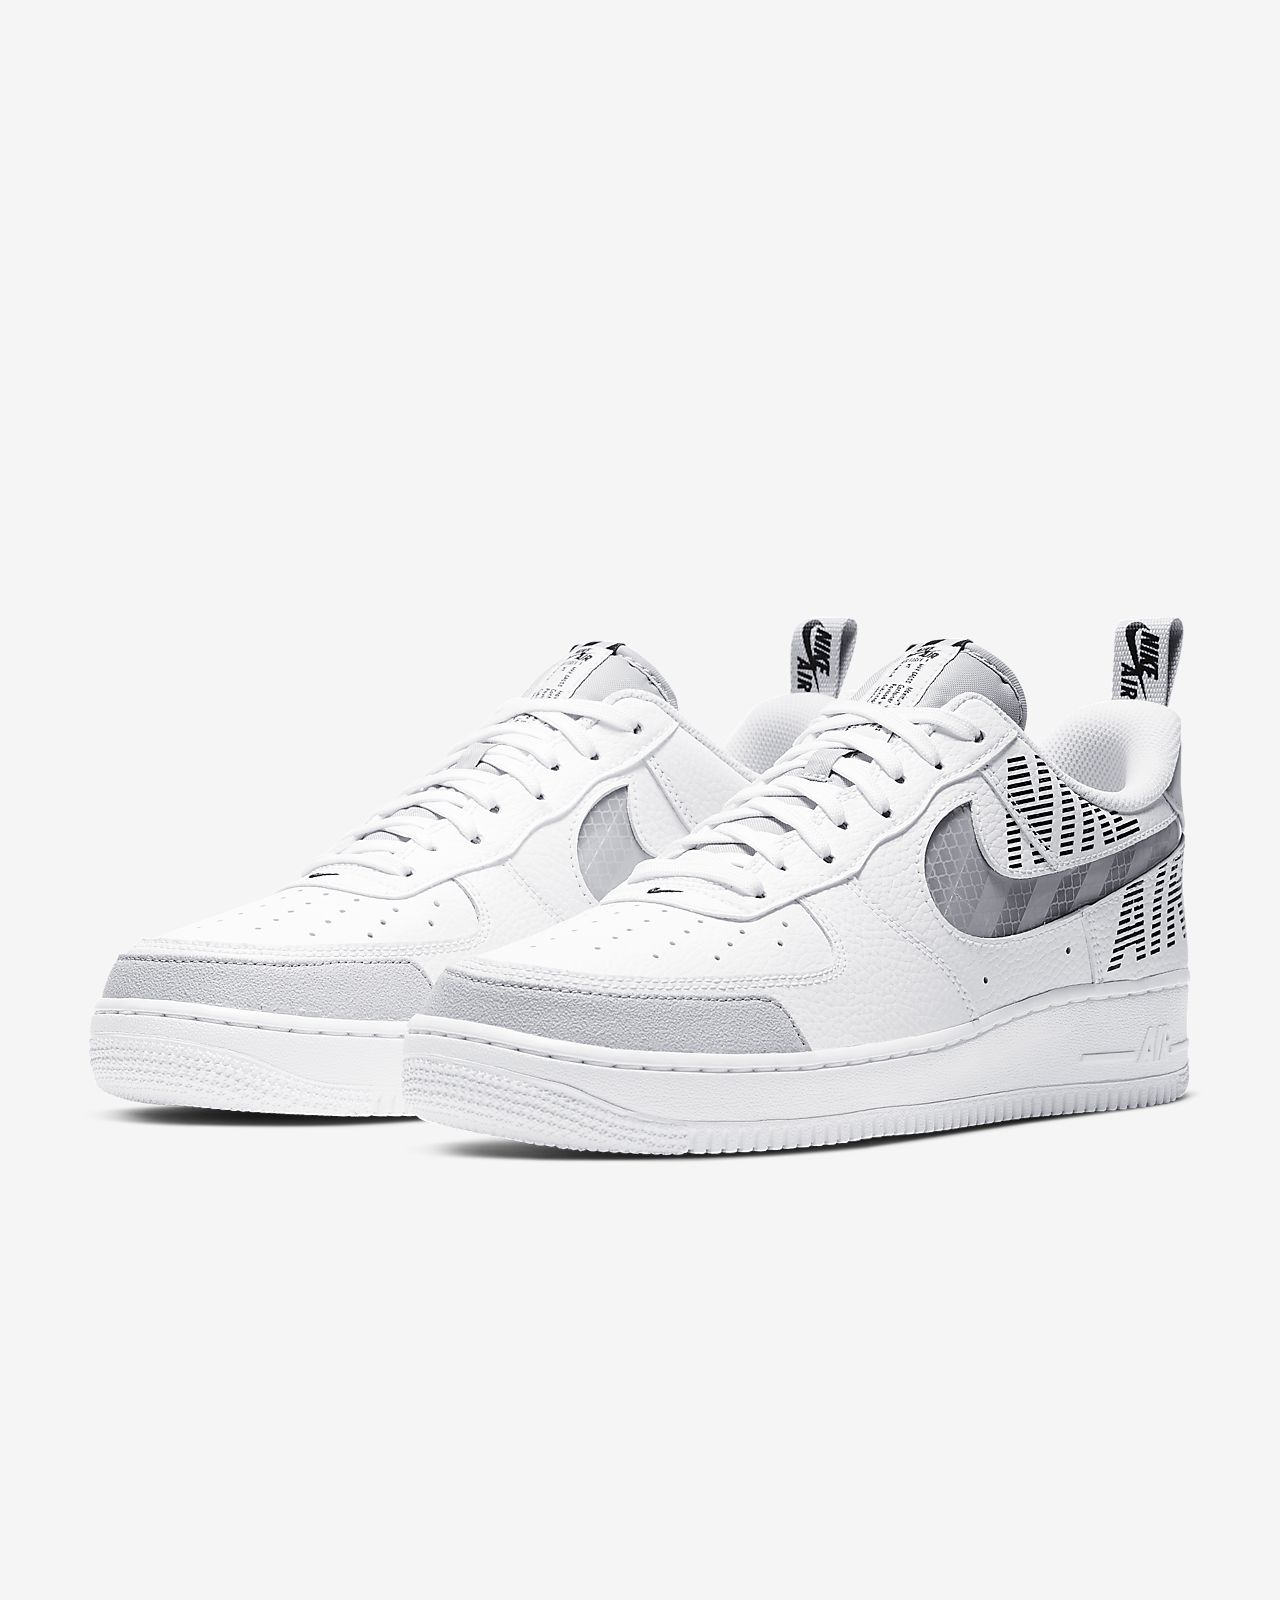 Nike Air Force 1 '07 LV8 Herenschoen